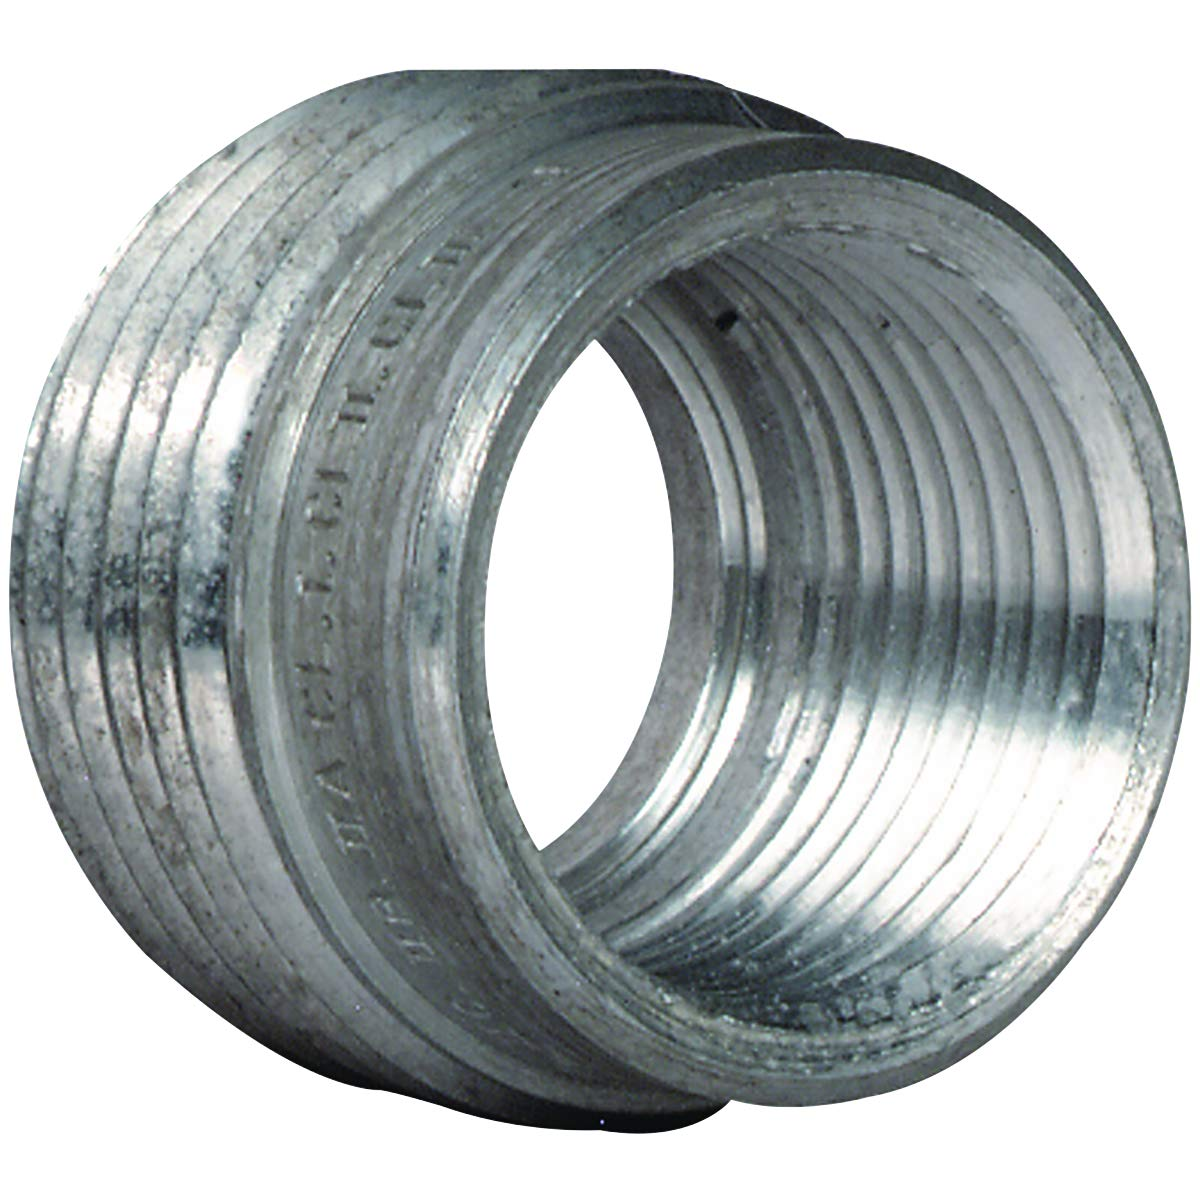 Killark R-32 Reducing Bushing, 1'' - 3/4'' Hub Size, Copper-Free Aluminum, 23/32'' Body Length